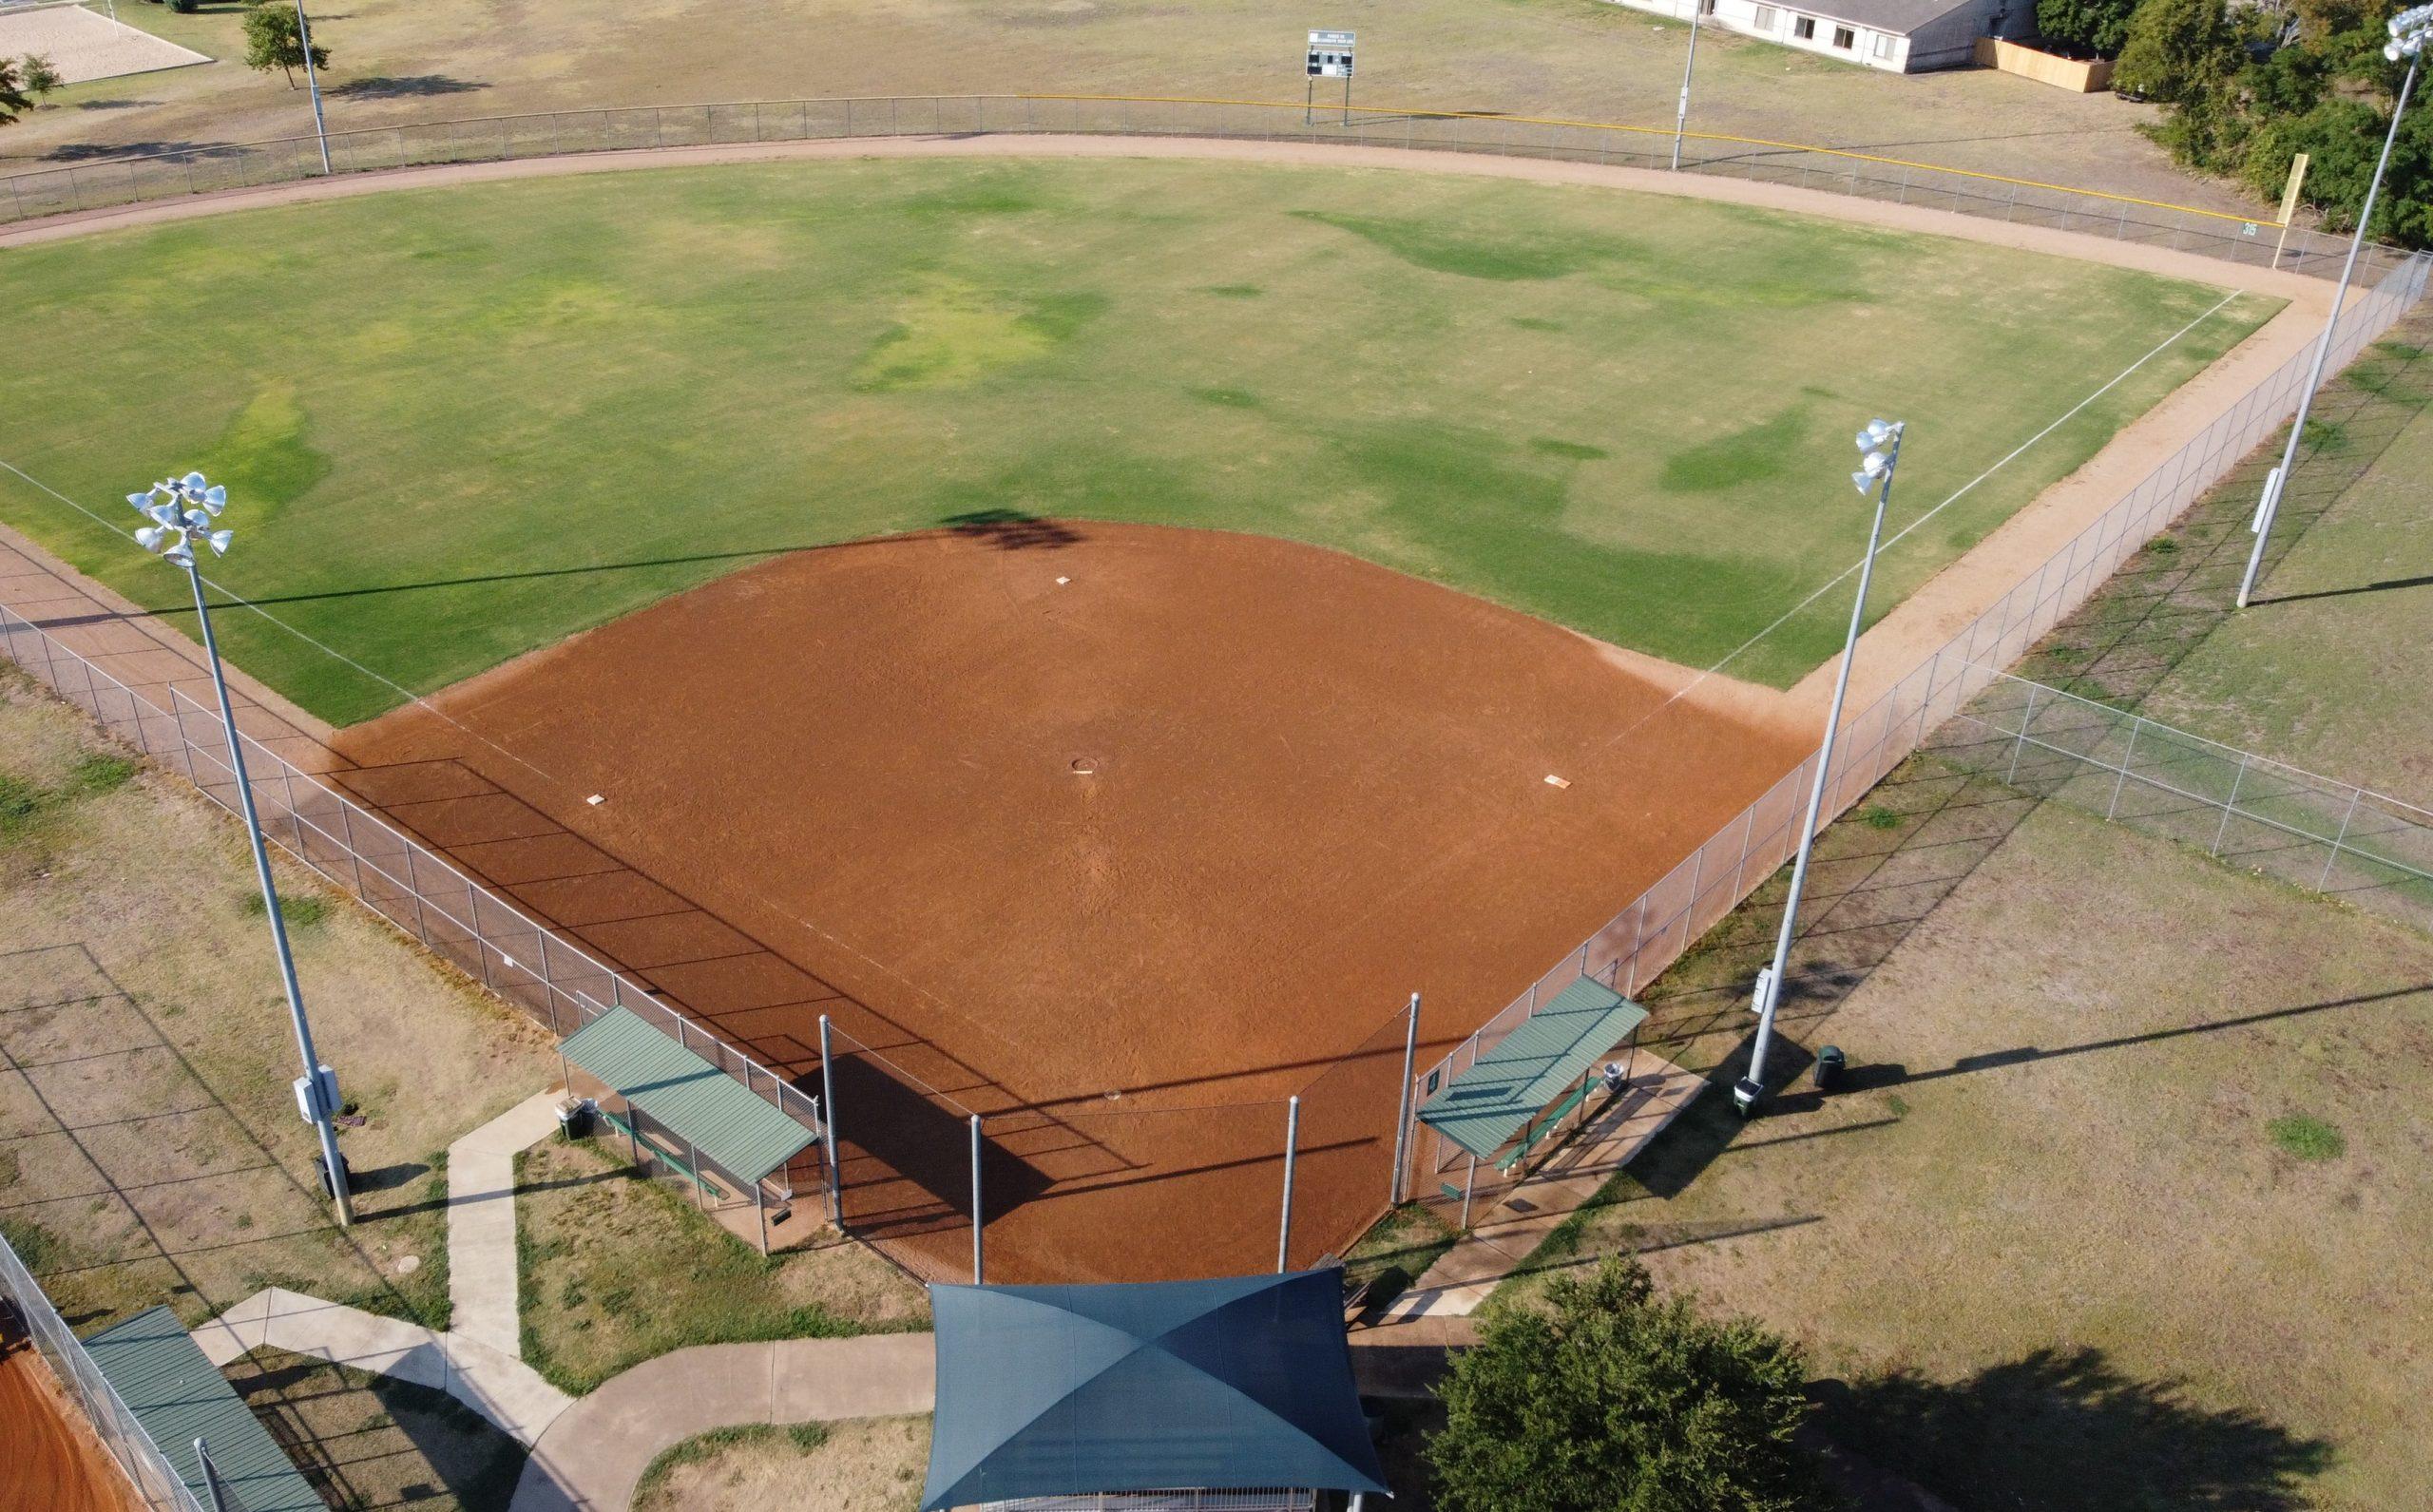 McMaster Softball Field #4